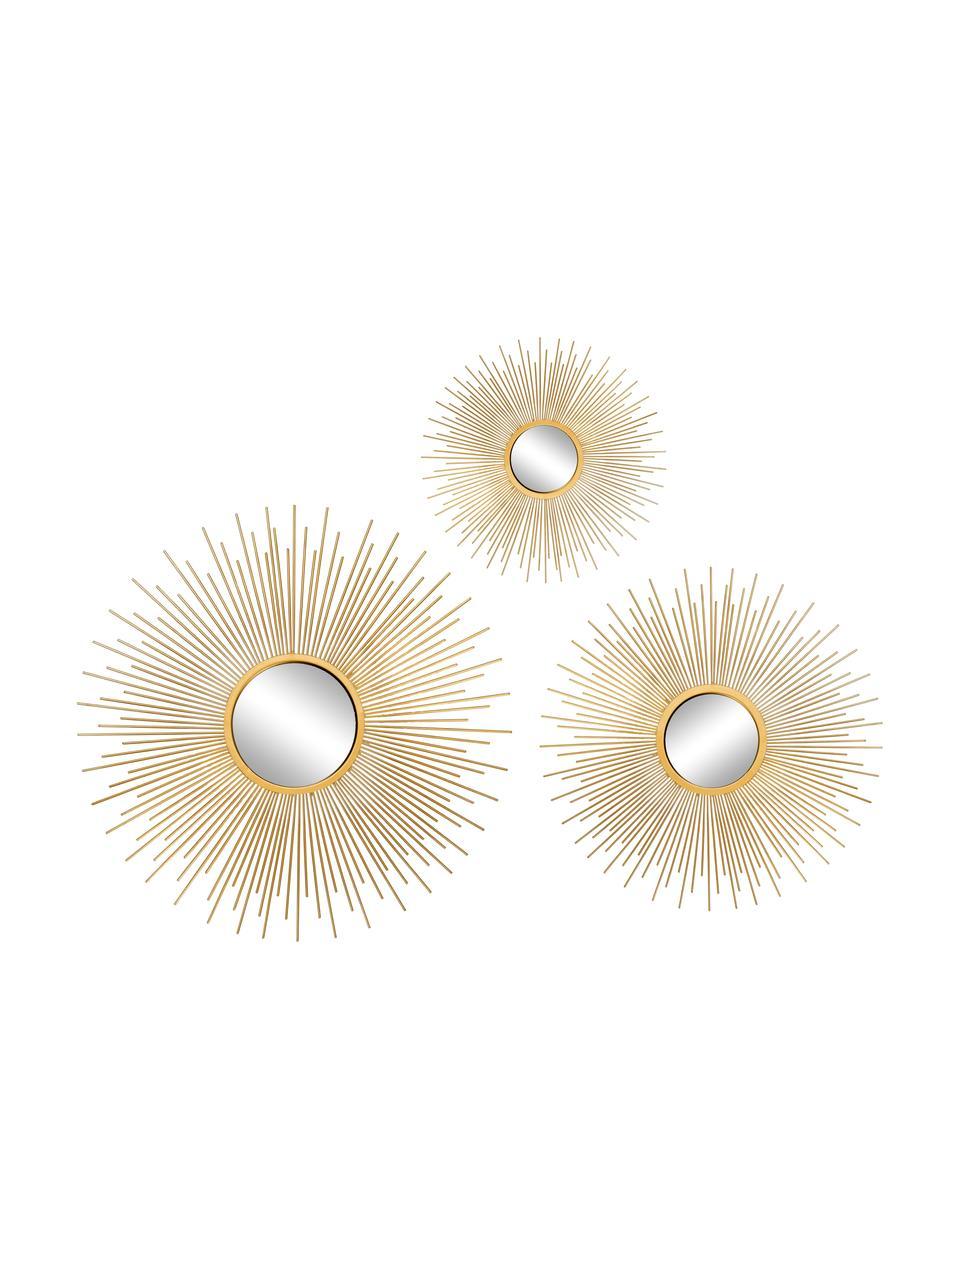 Komplet luster ściennych z metalową ramą Sun, 3 elem., Odcienie złotego, Komplet z różnymi rozmiarami